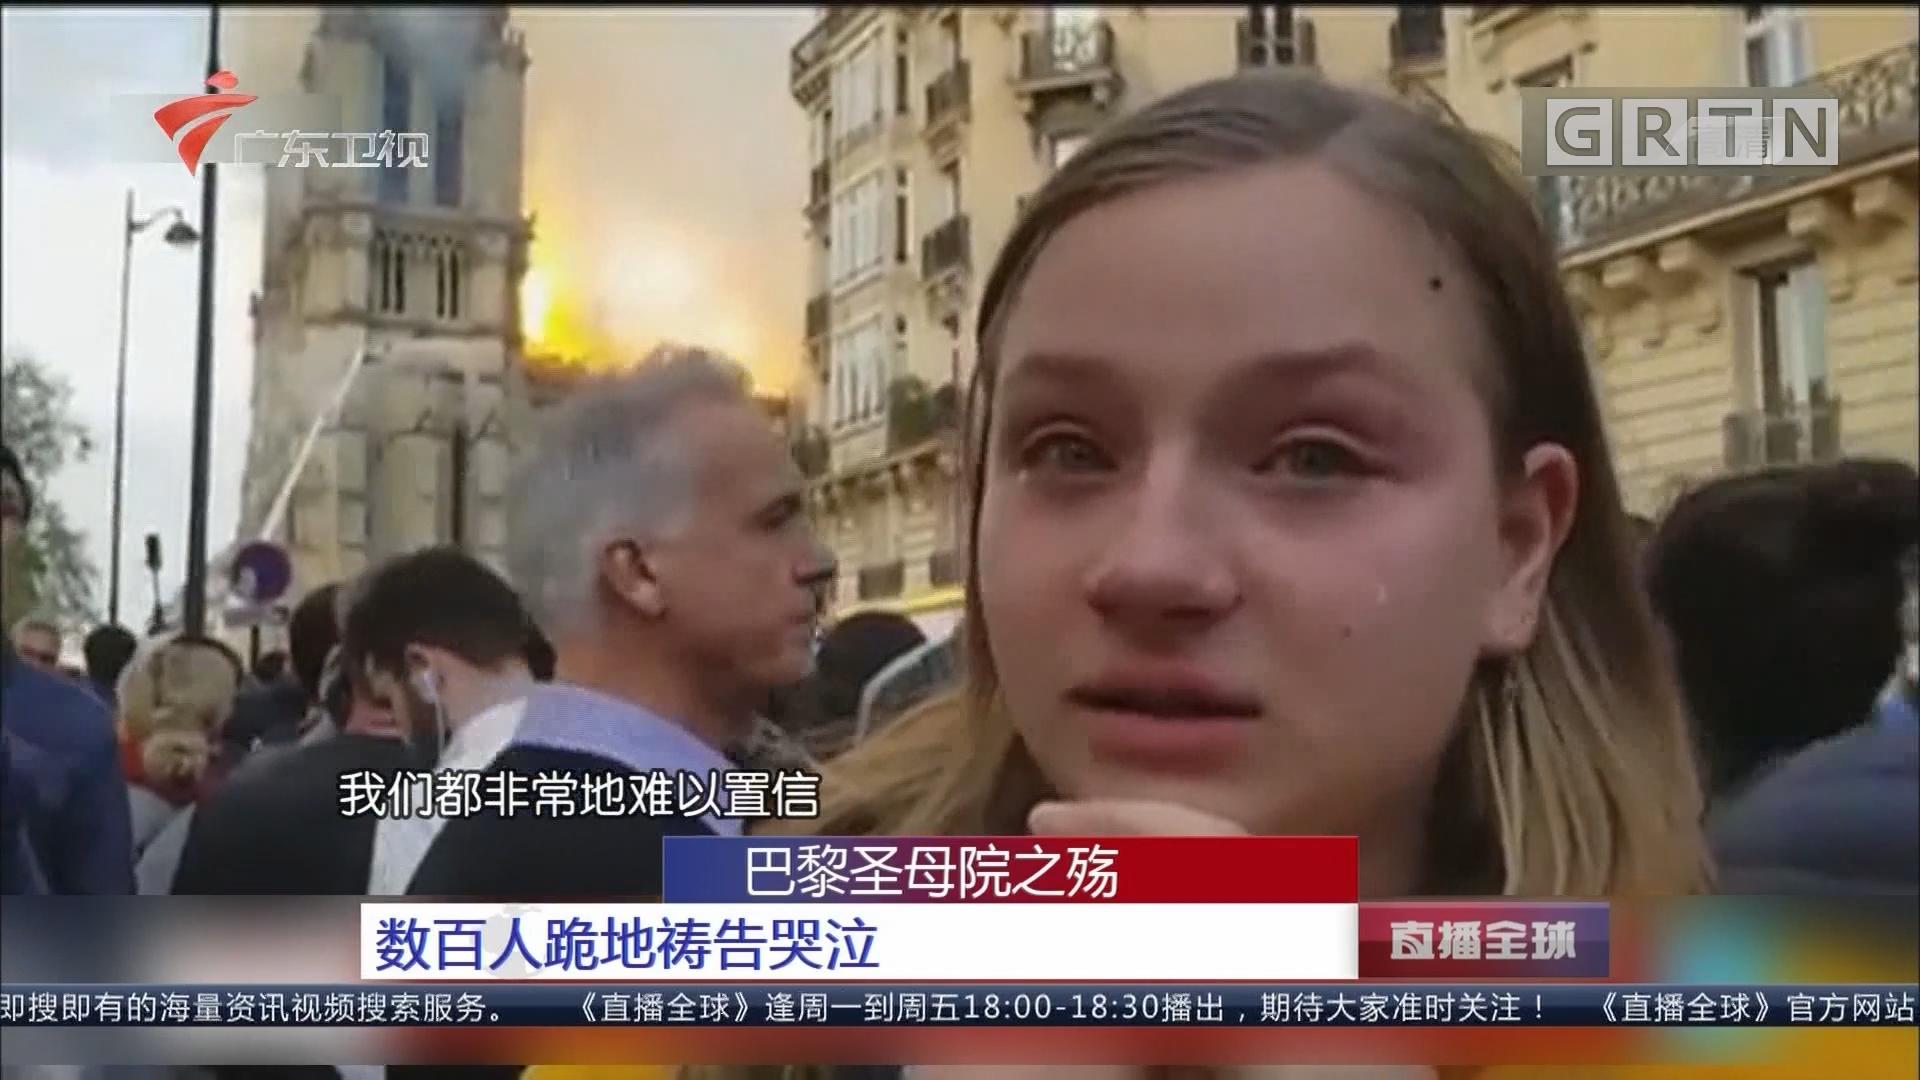 巴黎圣母院之殇:数百人跪地祷告哭泣